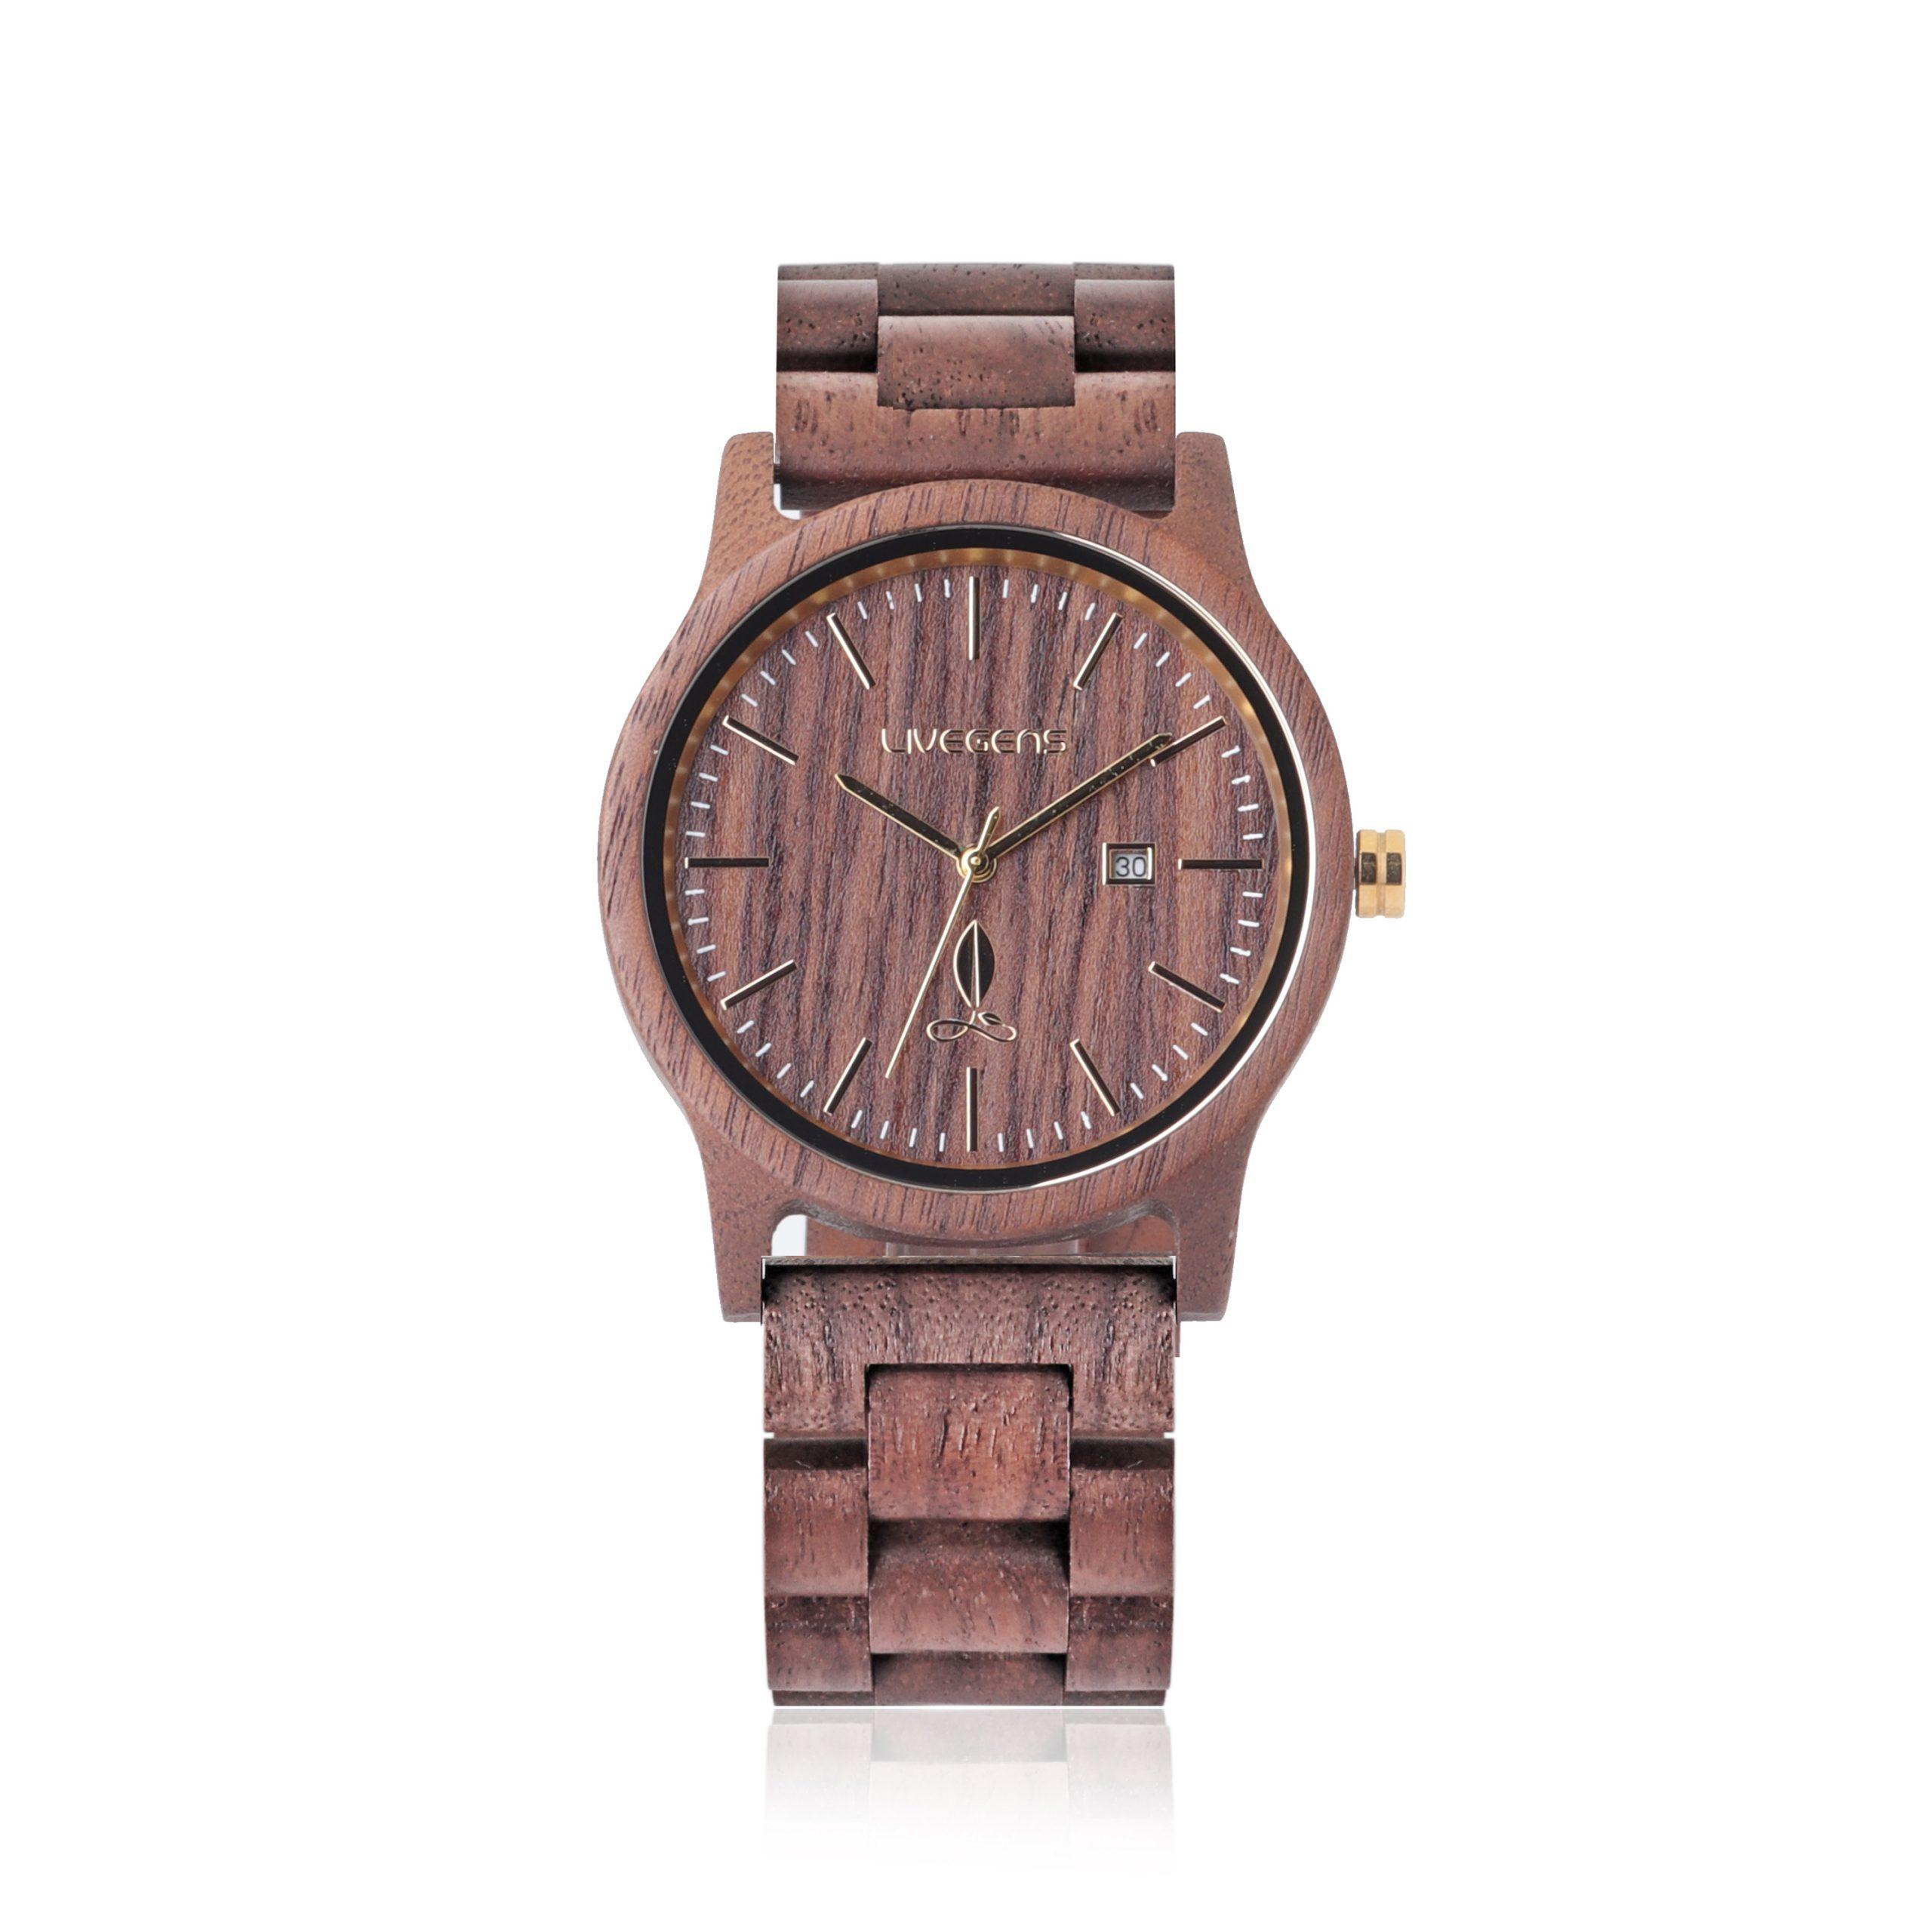 Livegens, relojes de madera hechos en España